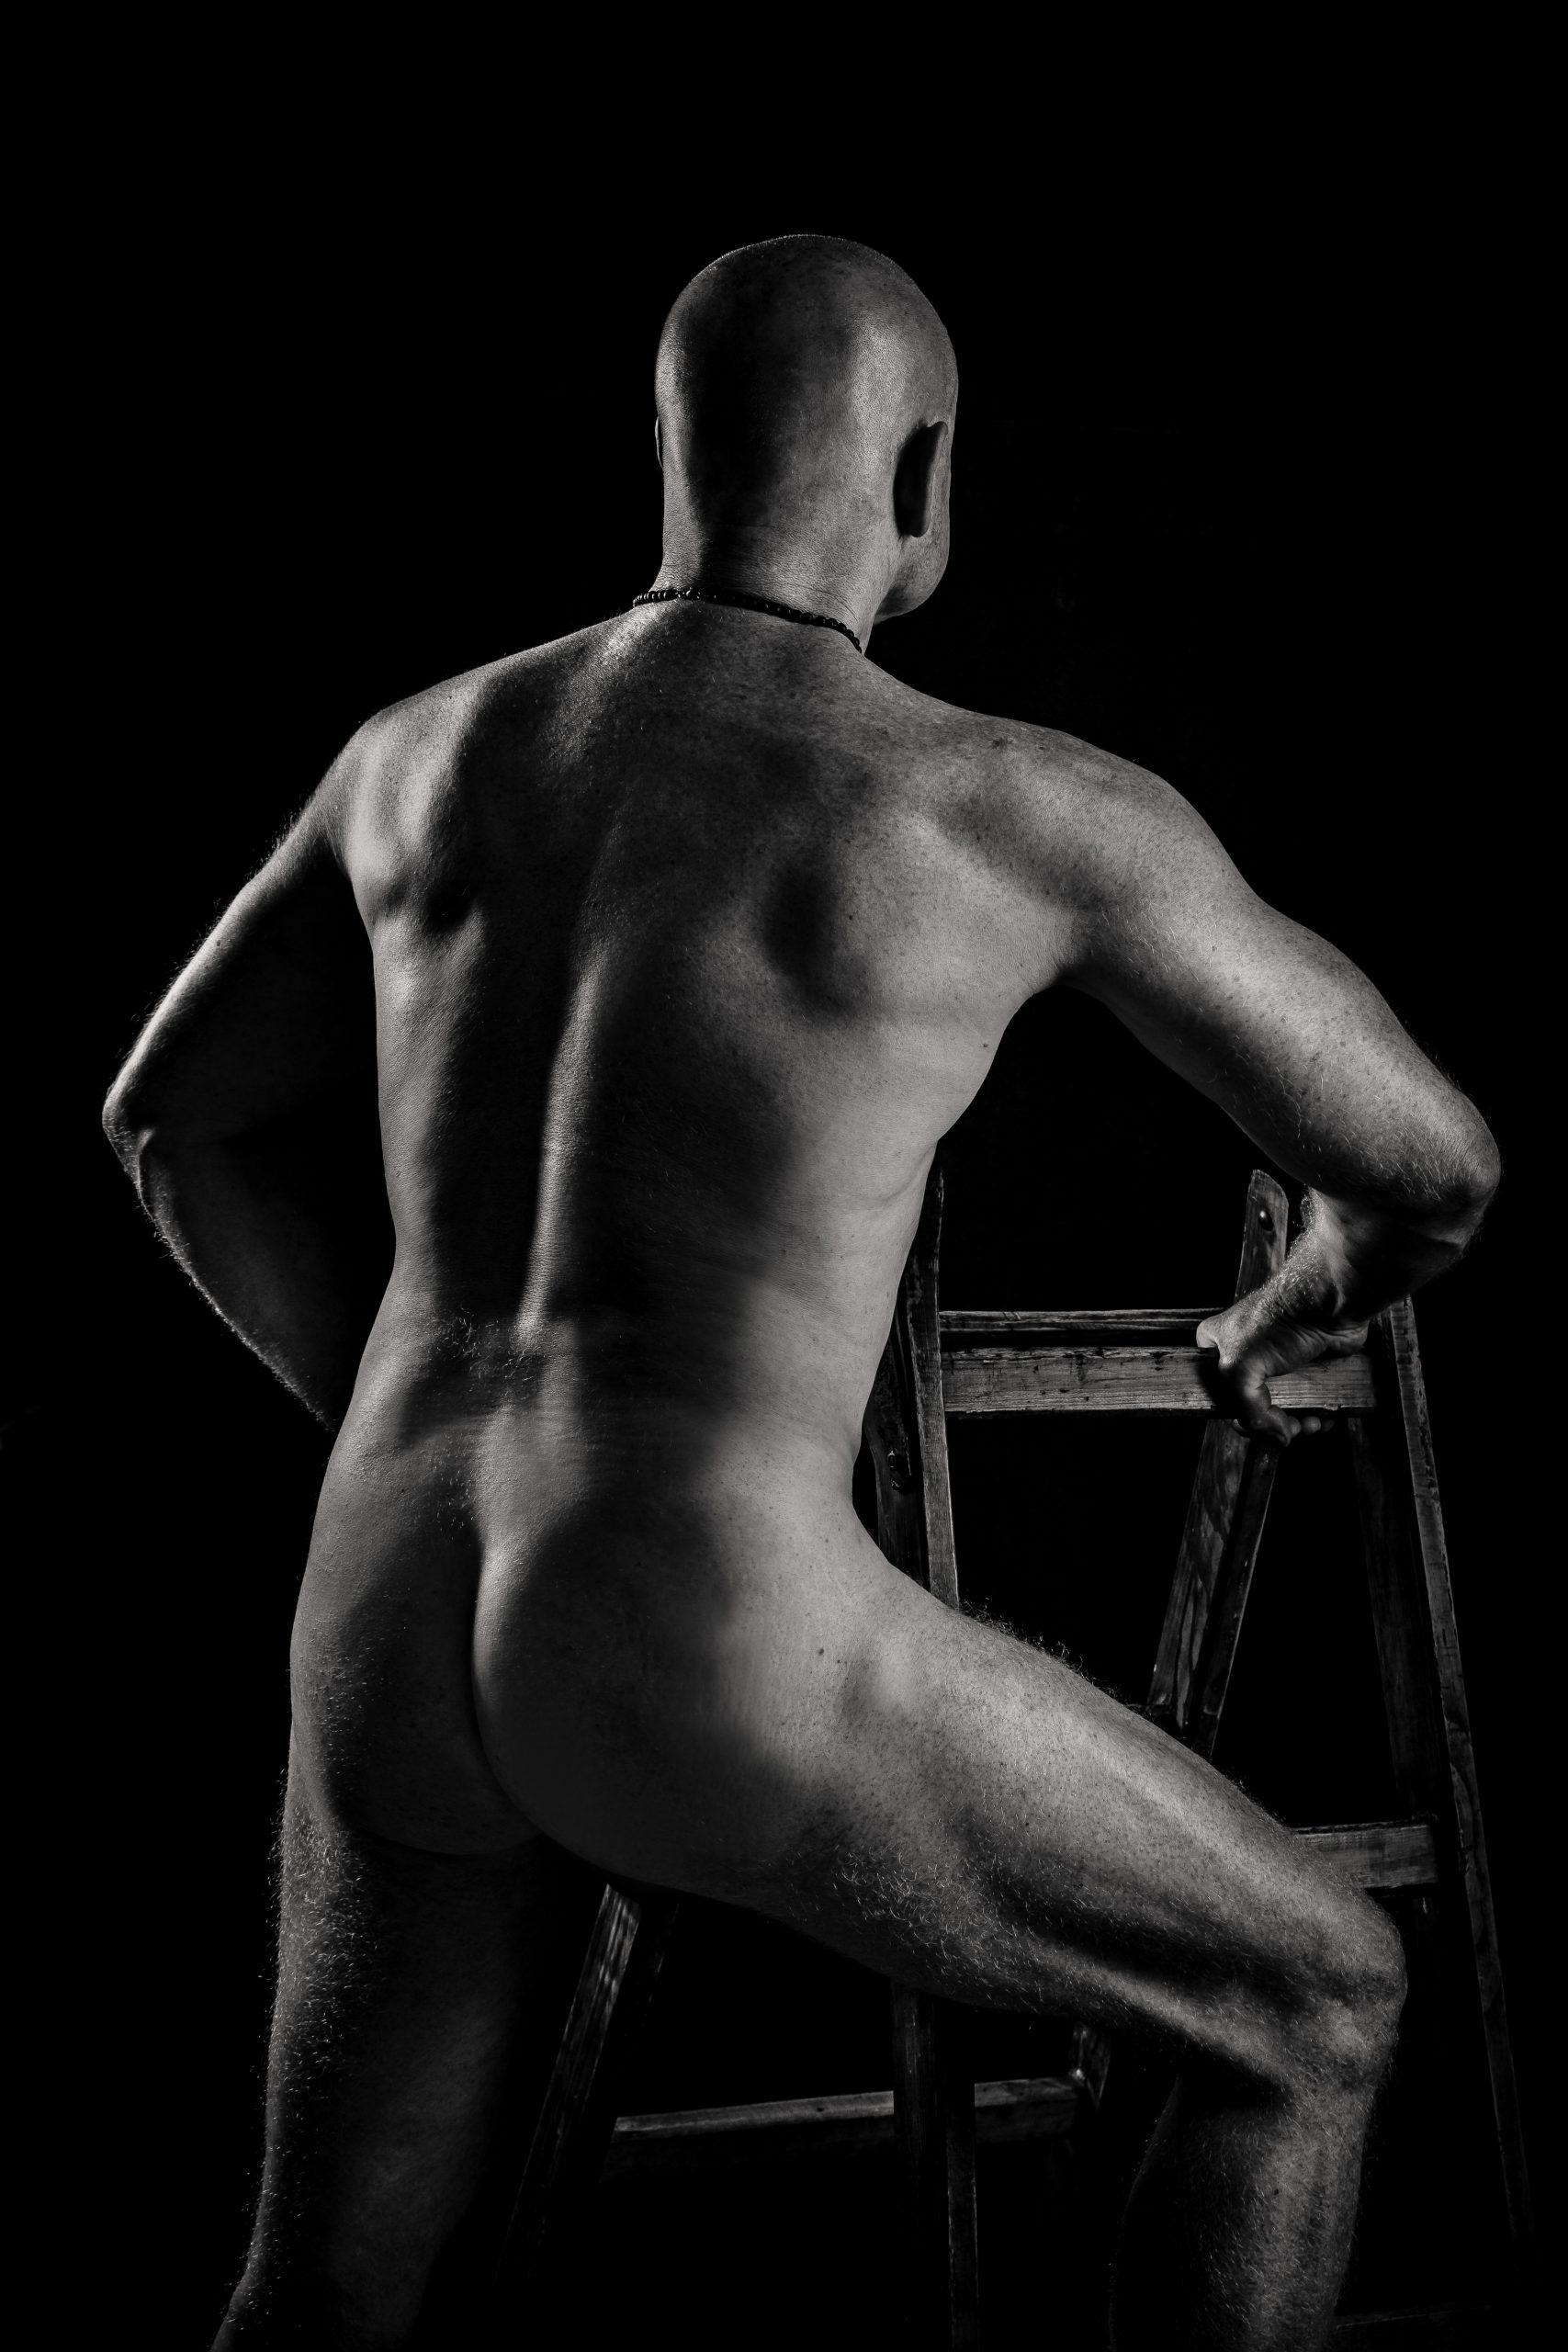 AKT-UND-EROTIK-aktshooting-eschweiler-erotikfotos-dueren-erotische-fotos-eschweiler-erotikshooting-alsdorf-aktfotografie-aachen-Fotos-By-Domi-Eschweiler-047